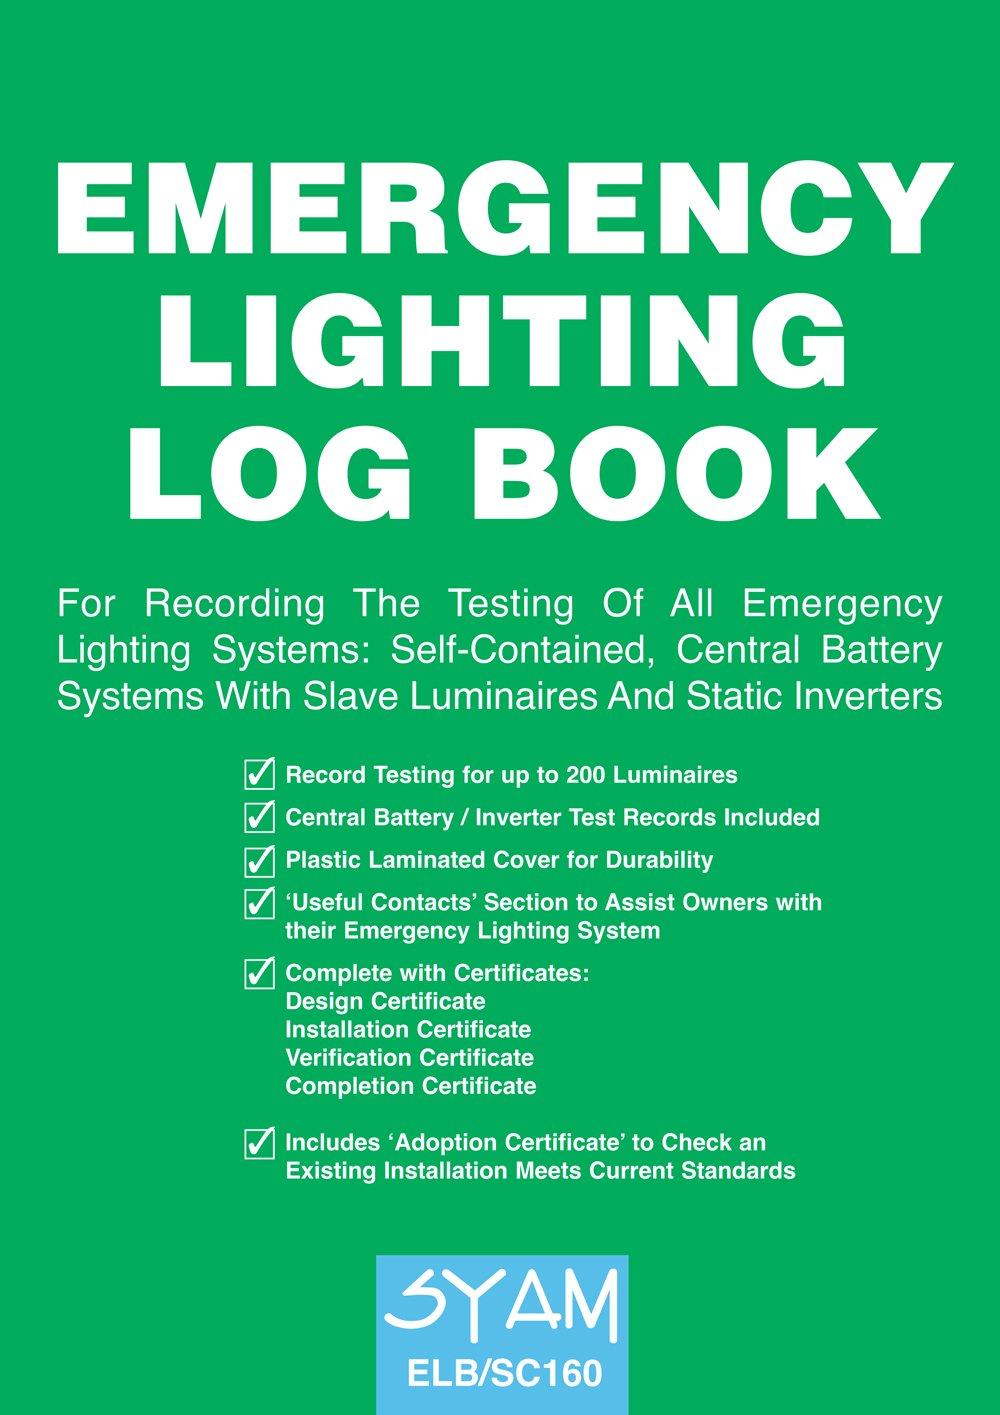 sc 1 st  Amazon UK & EMERGENCY LIGHTING LOG BOOK: Amazon.co.uk: SYAM: Books azcodes.com